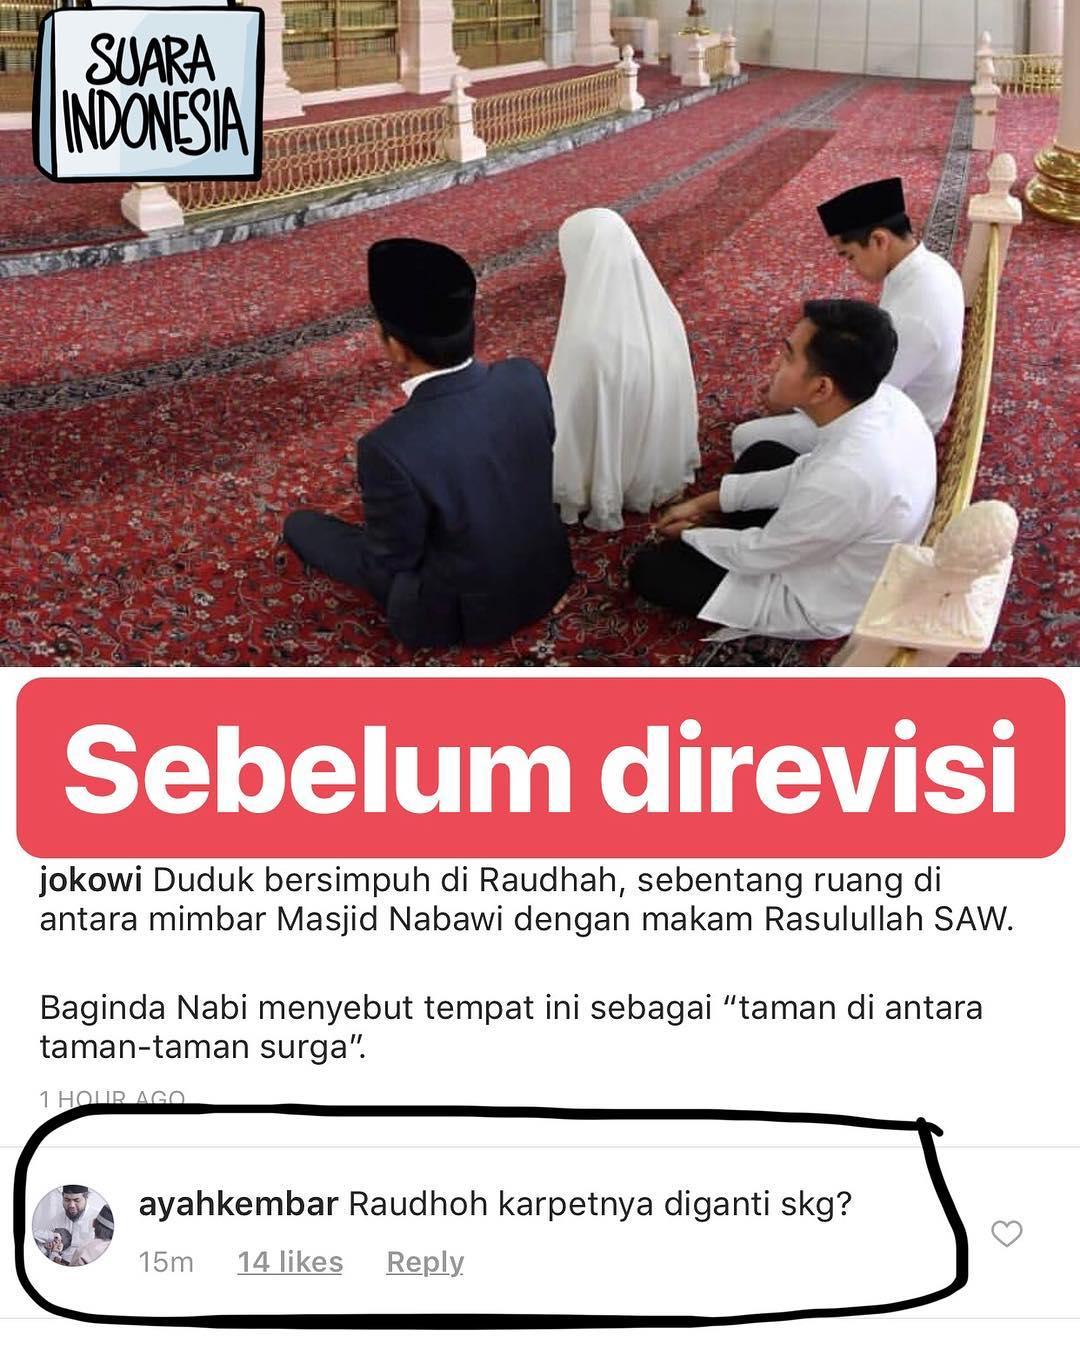 """Ayah Kembar """"Tangkap Basah"""" Jokowi Soal Ketidakpahaman Raudhoh"""